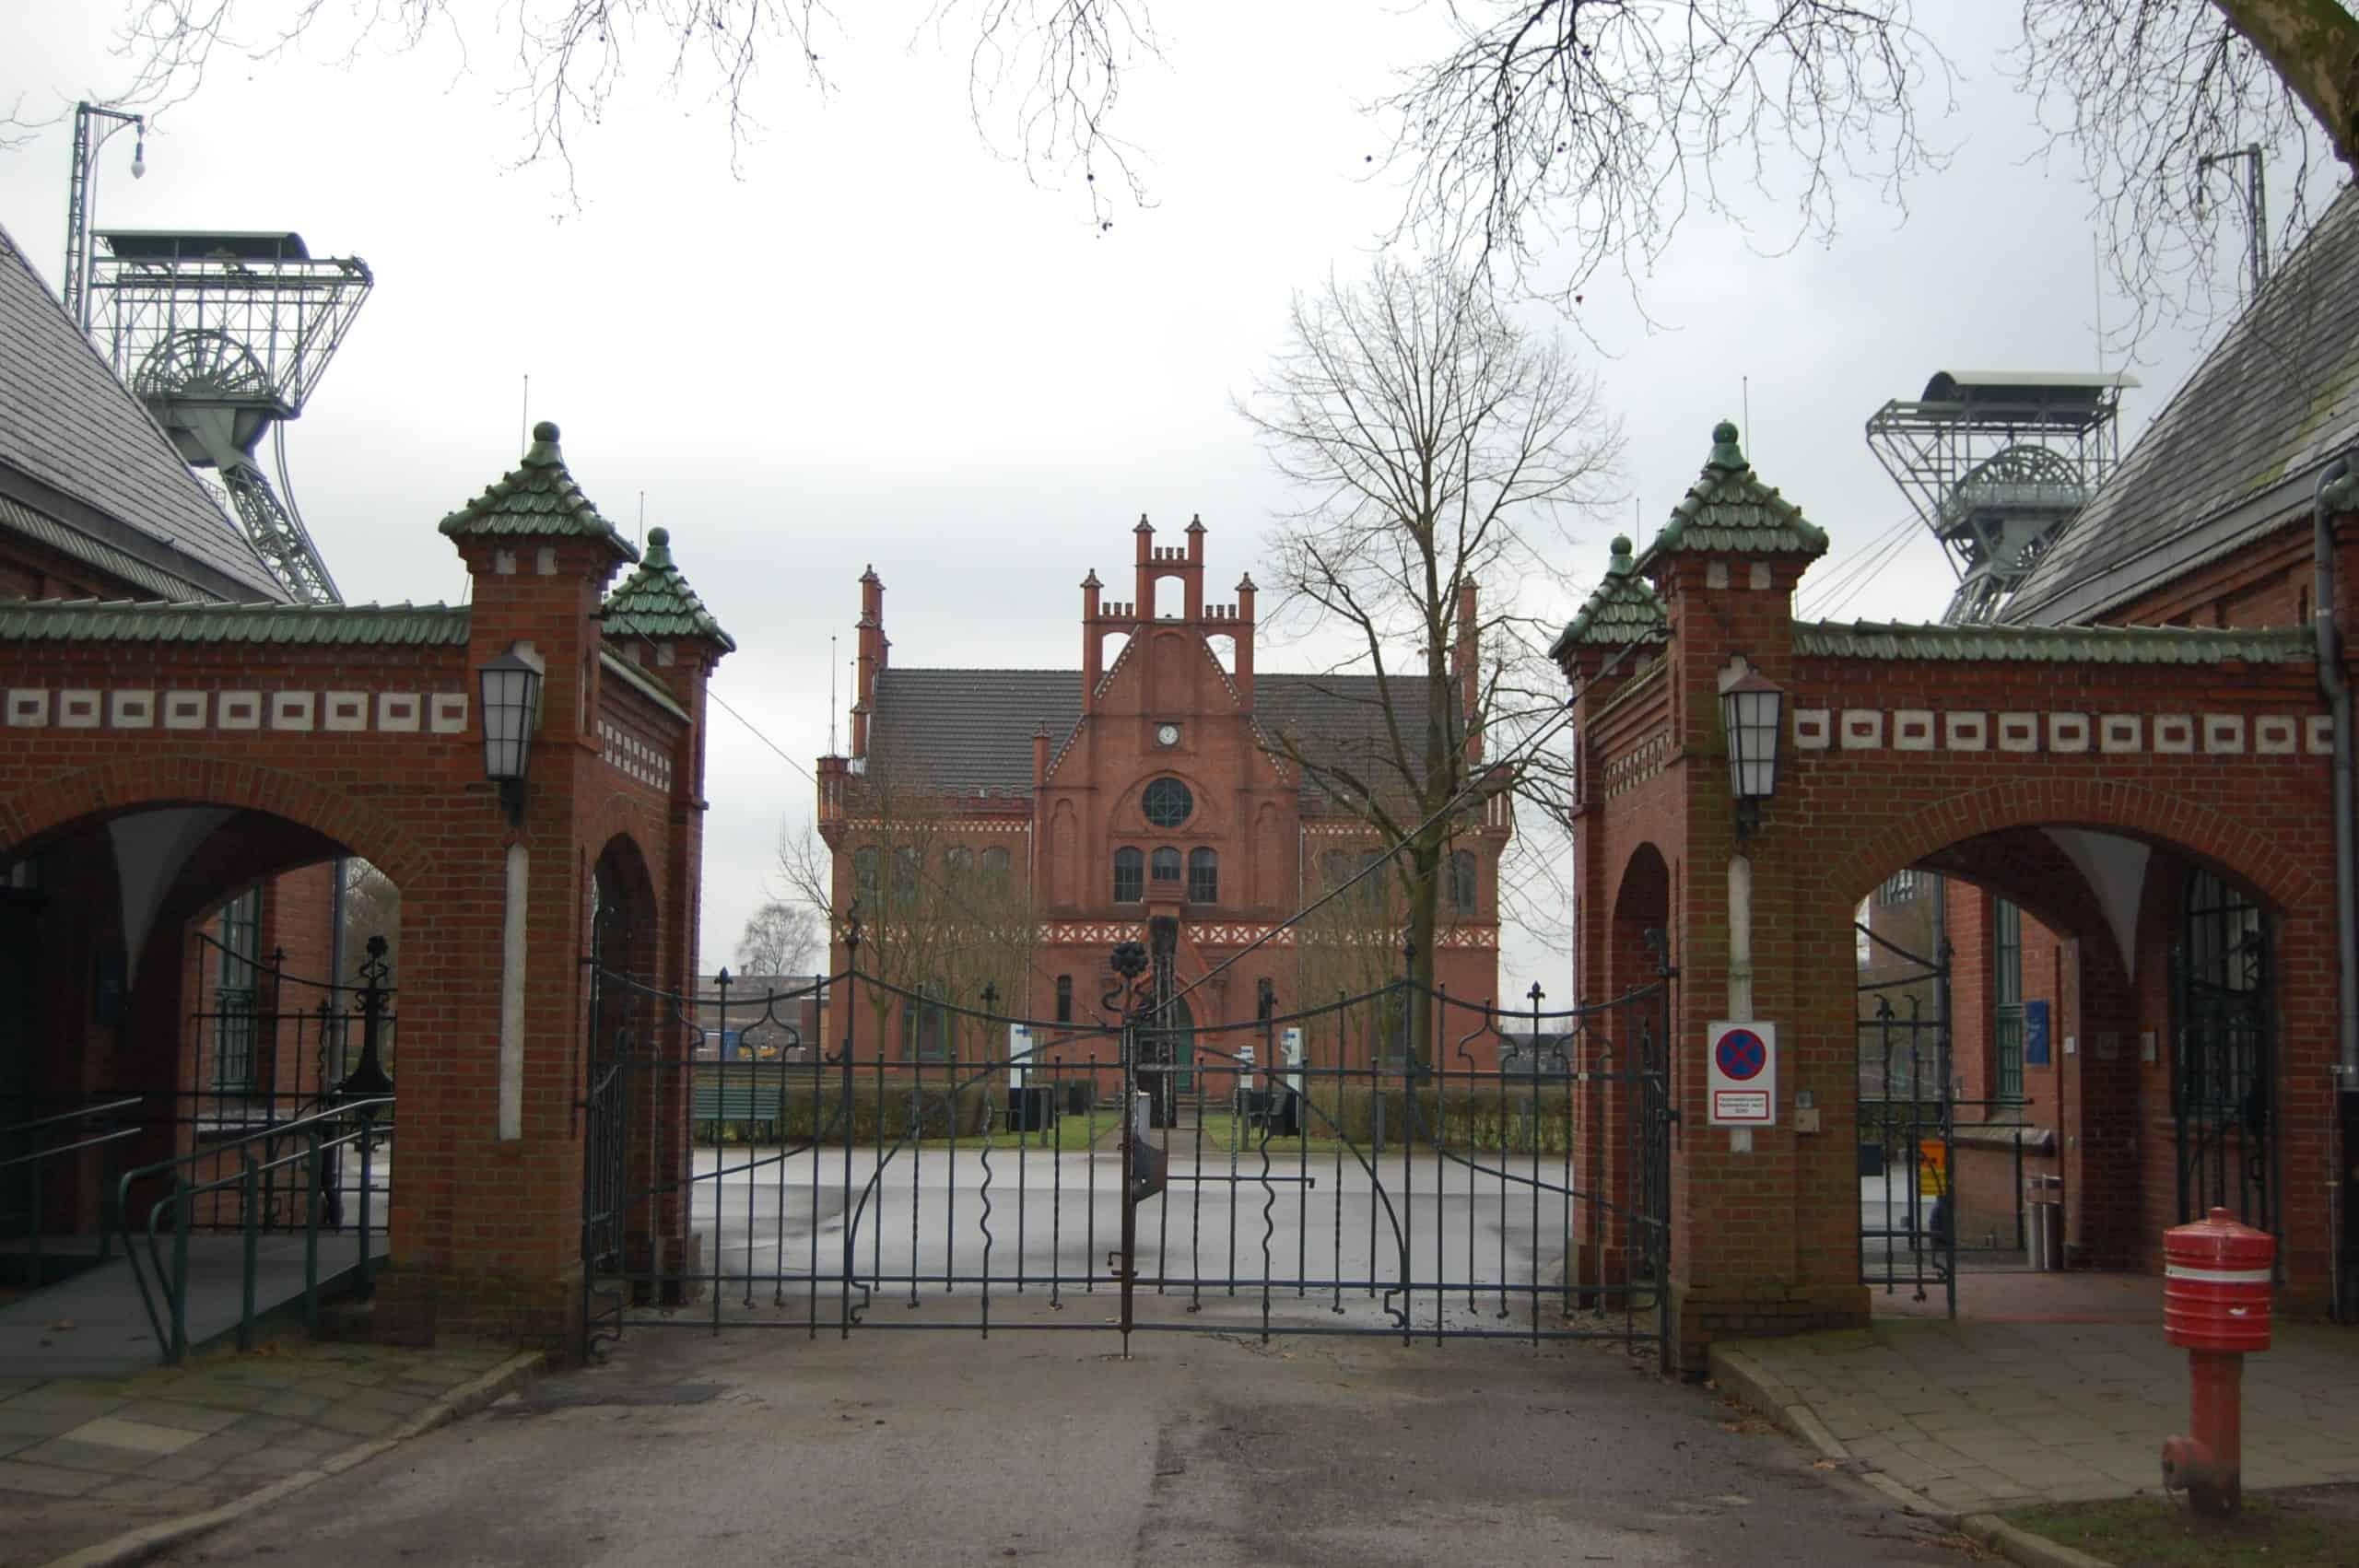 Zeche Zollern-Eingang, Schacht 2 und 4 mit Verwaltungsgebäude